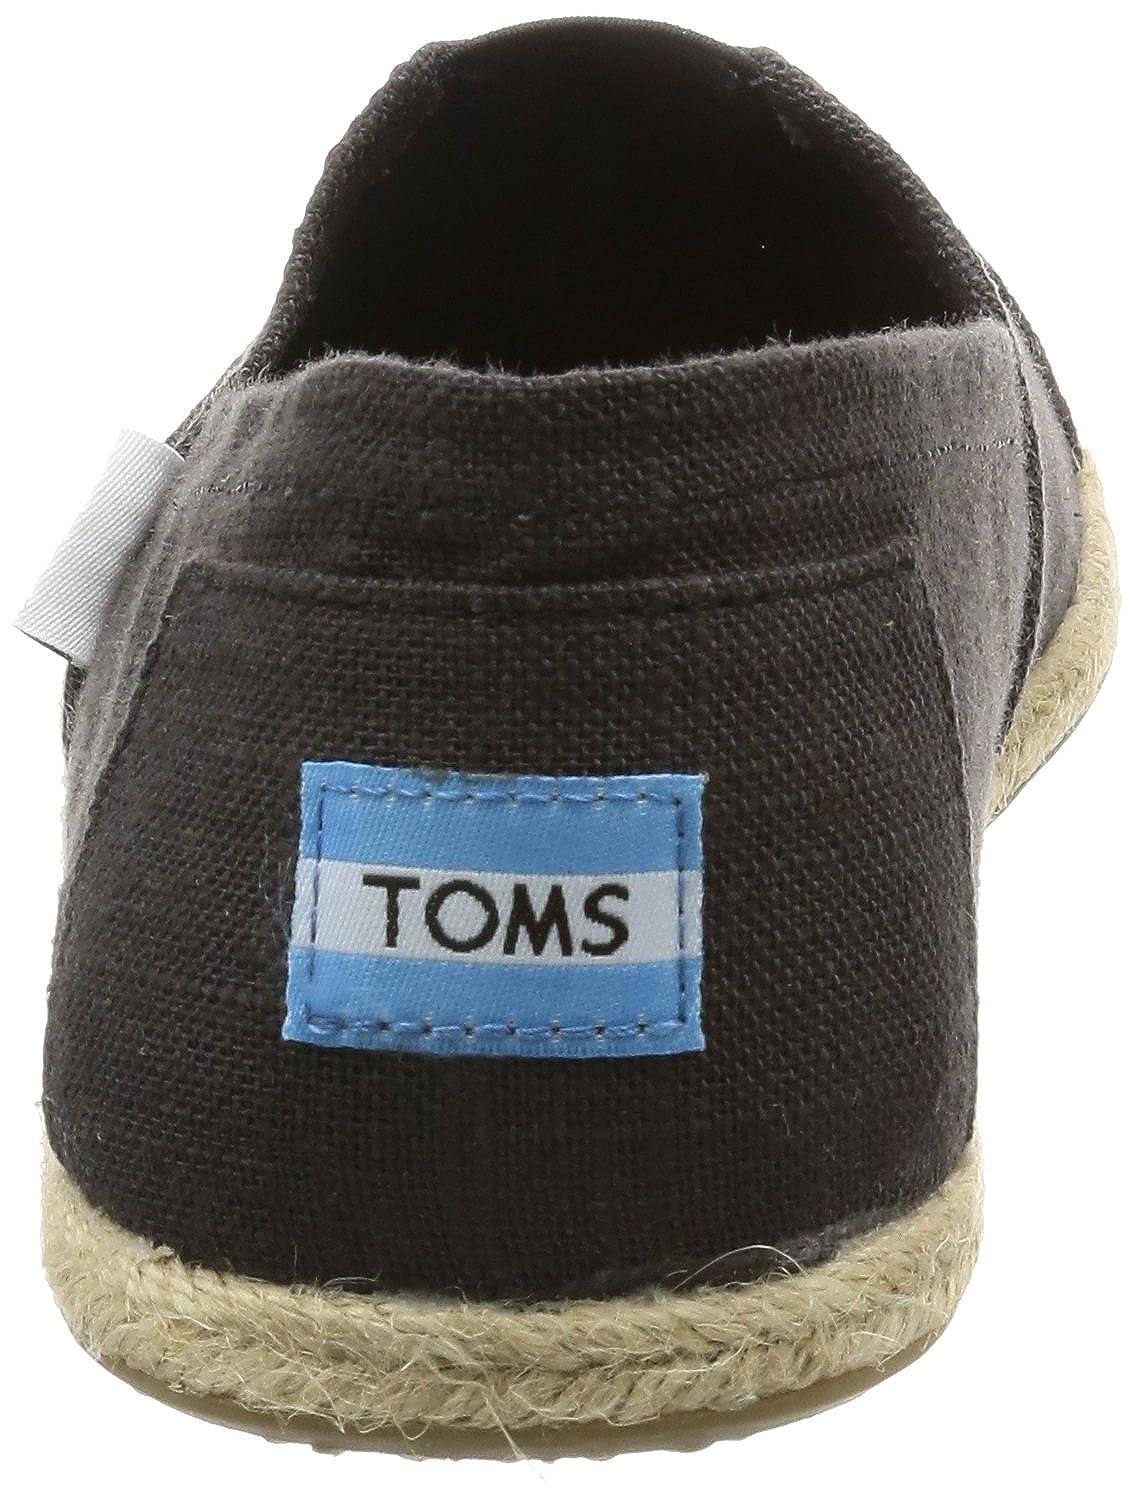 19f46d0b9bd TOMS Men s s Alpargata Classic Rope Sole Espadrilles  Amazon.co.uk  Shoes    Bags